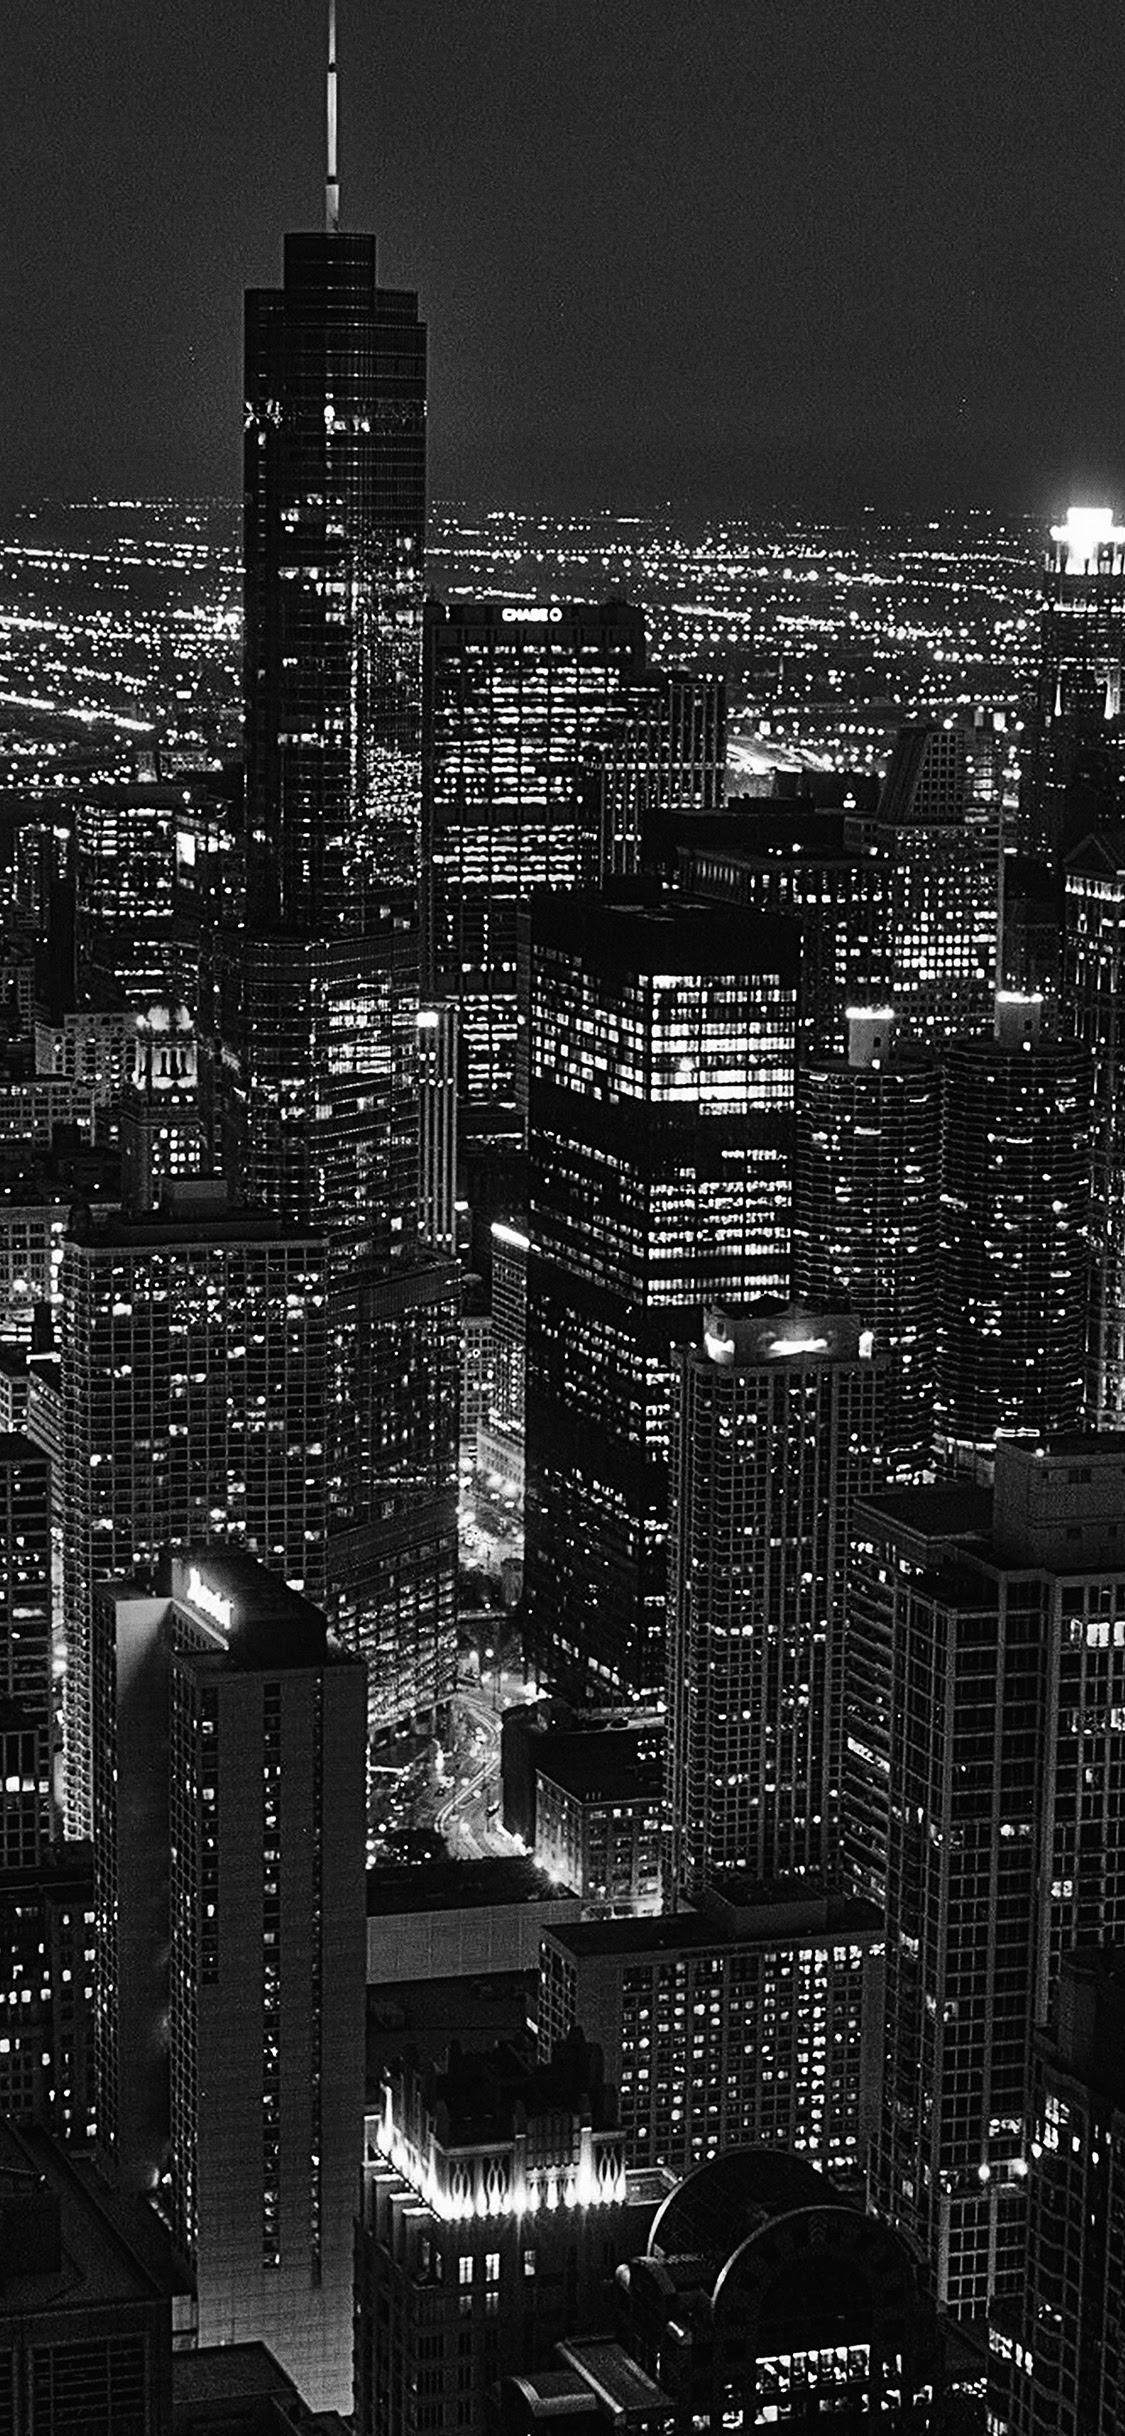 Ml84 City View Night Dark Bw